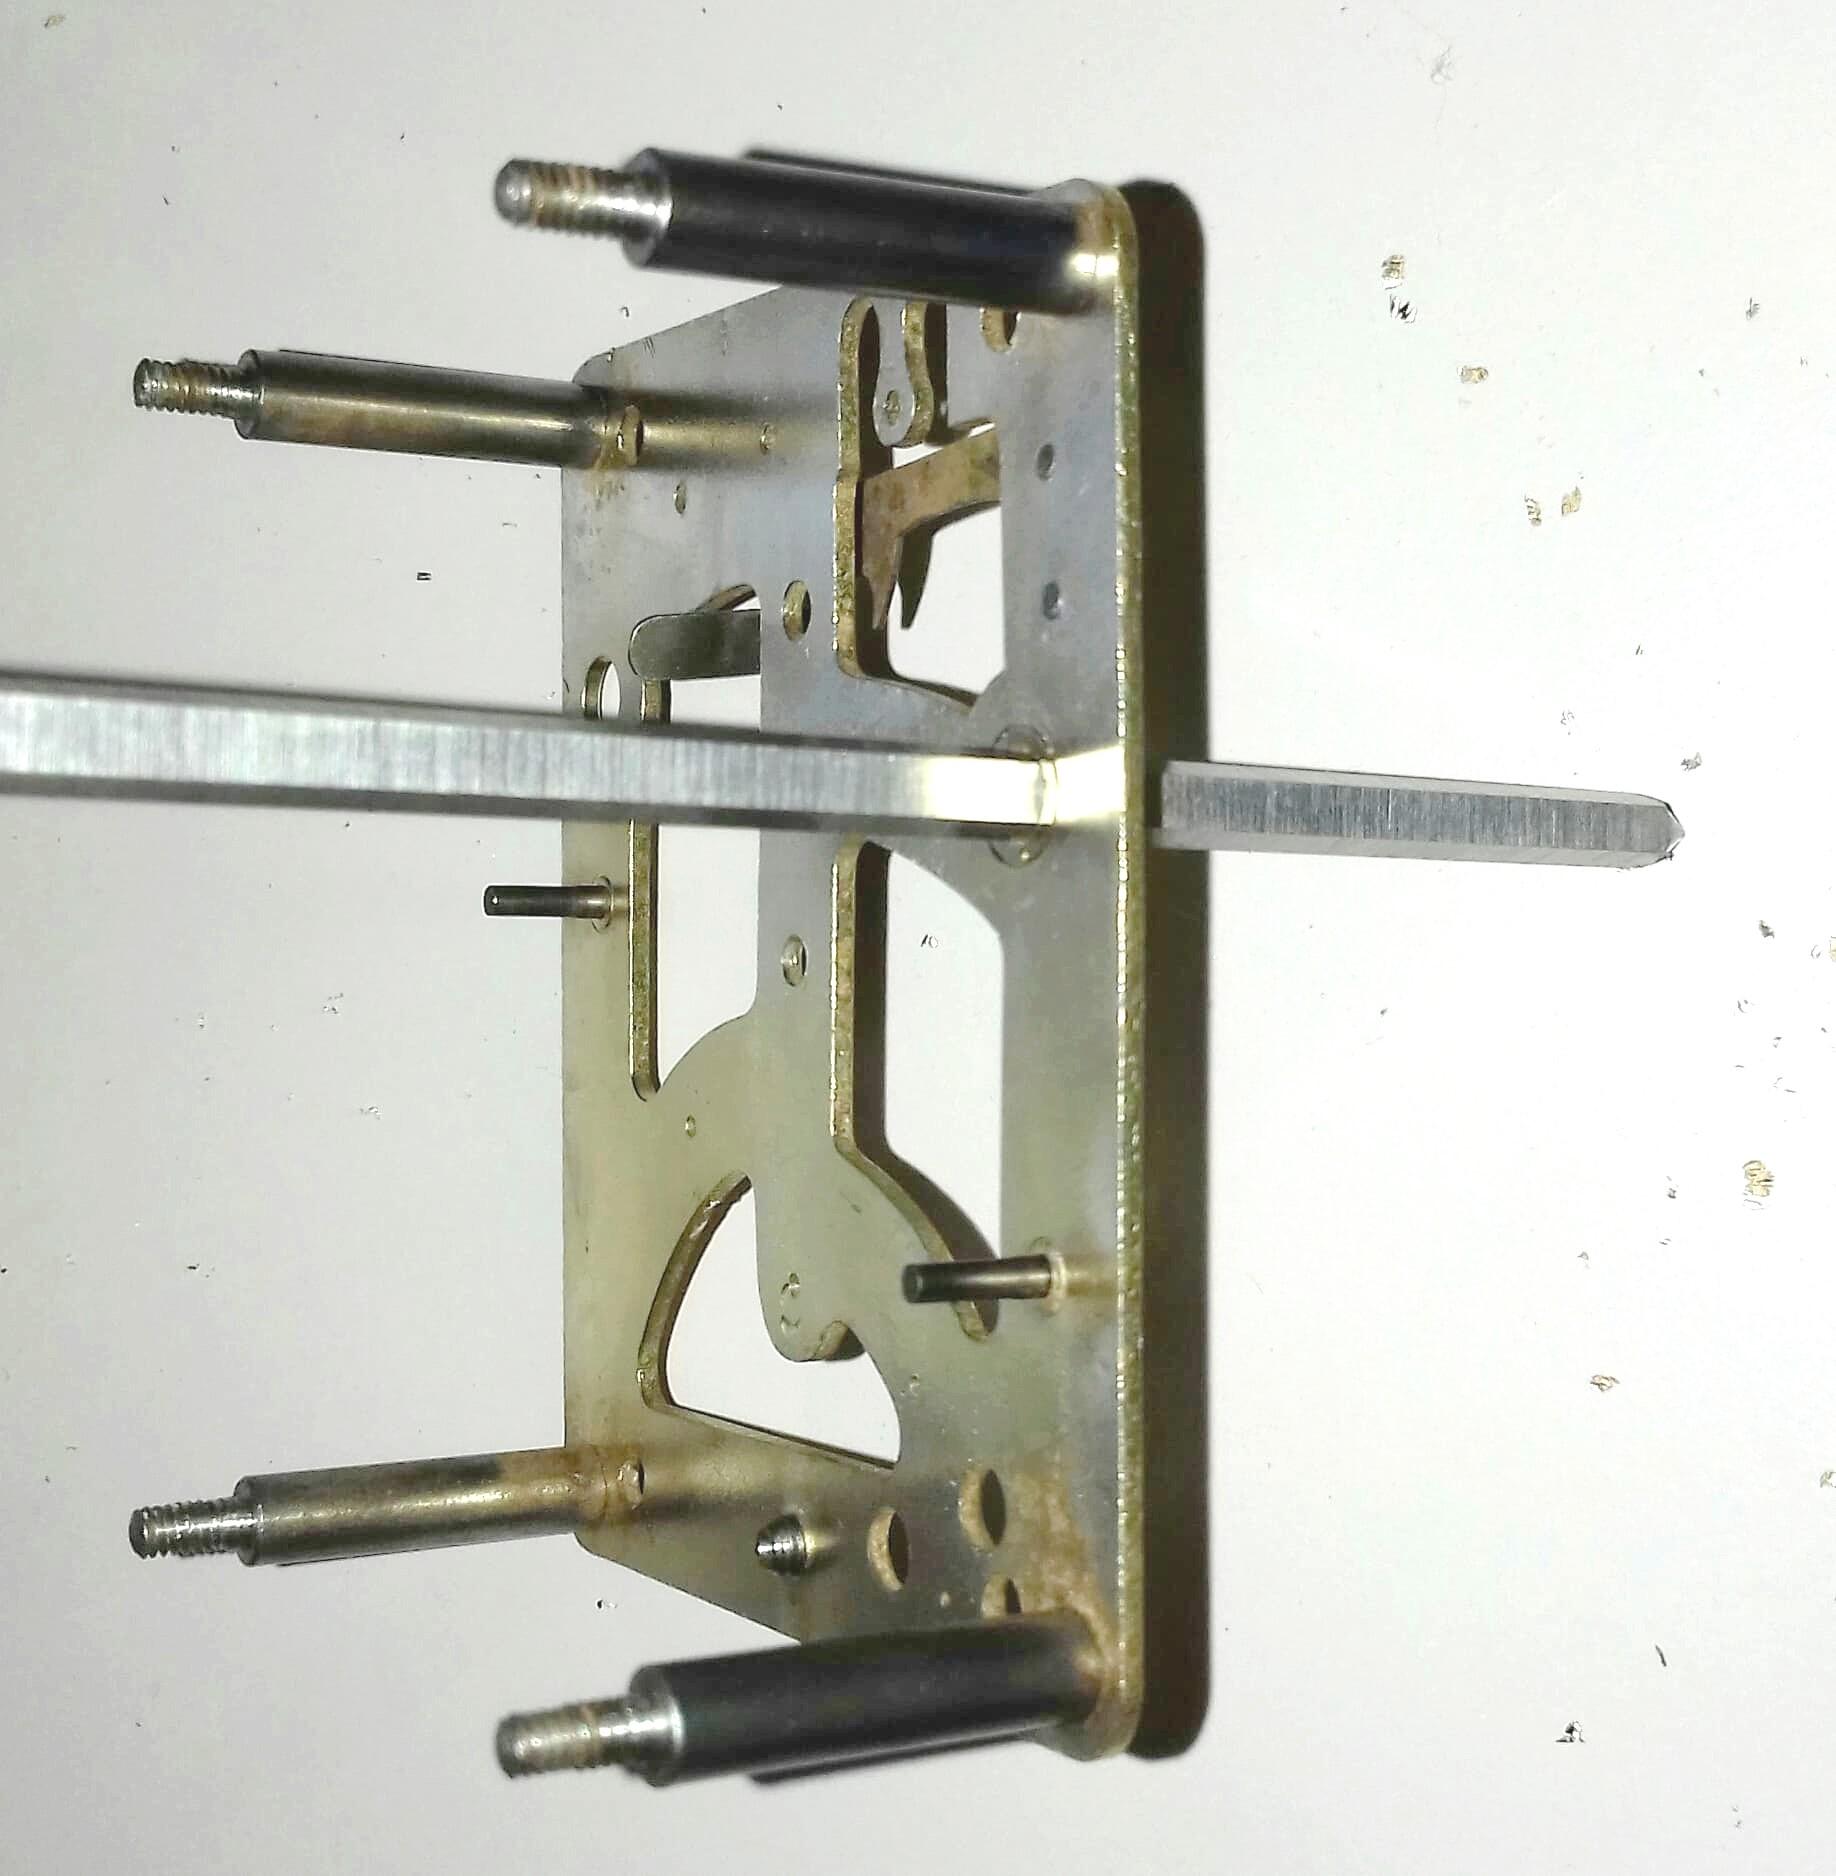 14  avec un autre équarrissoir on agrandi le trou du bouchon afin d'être au diamètre du pivot de l'axe du barillet (Attention le trou du bouchon doit être impérativement de diamètre inférieur au diamètre du pivo.jpg